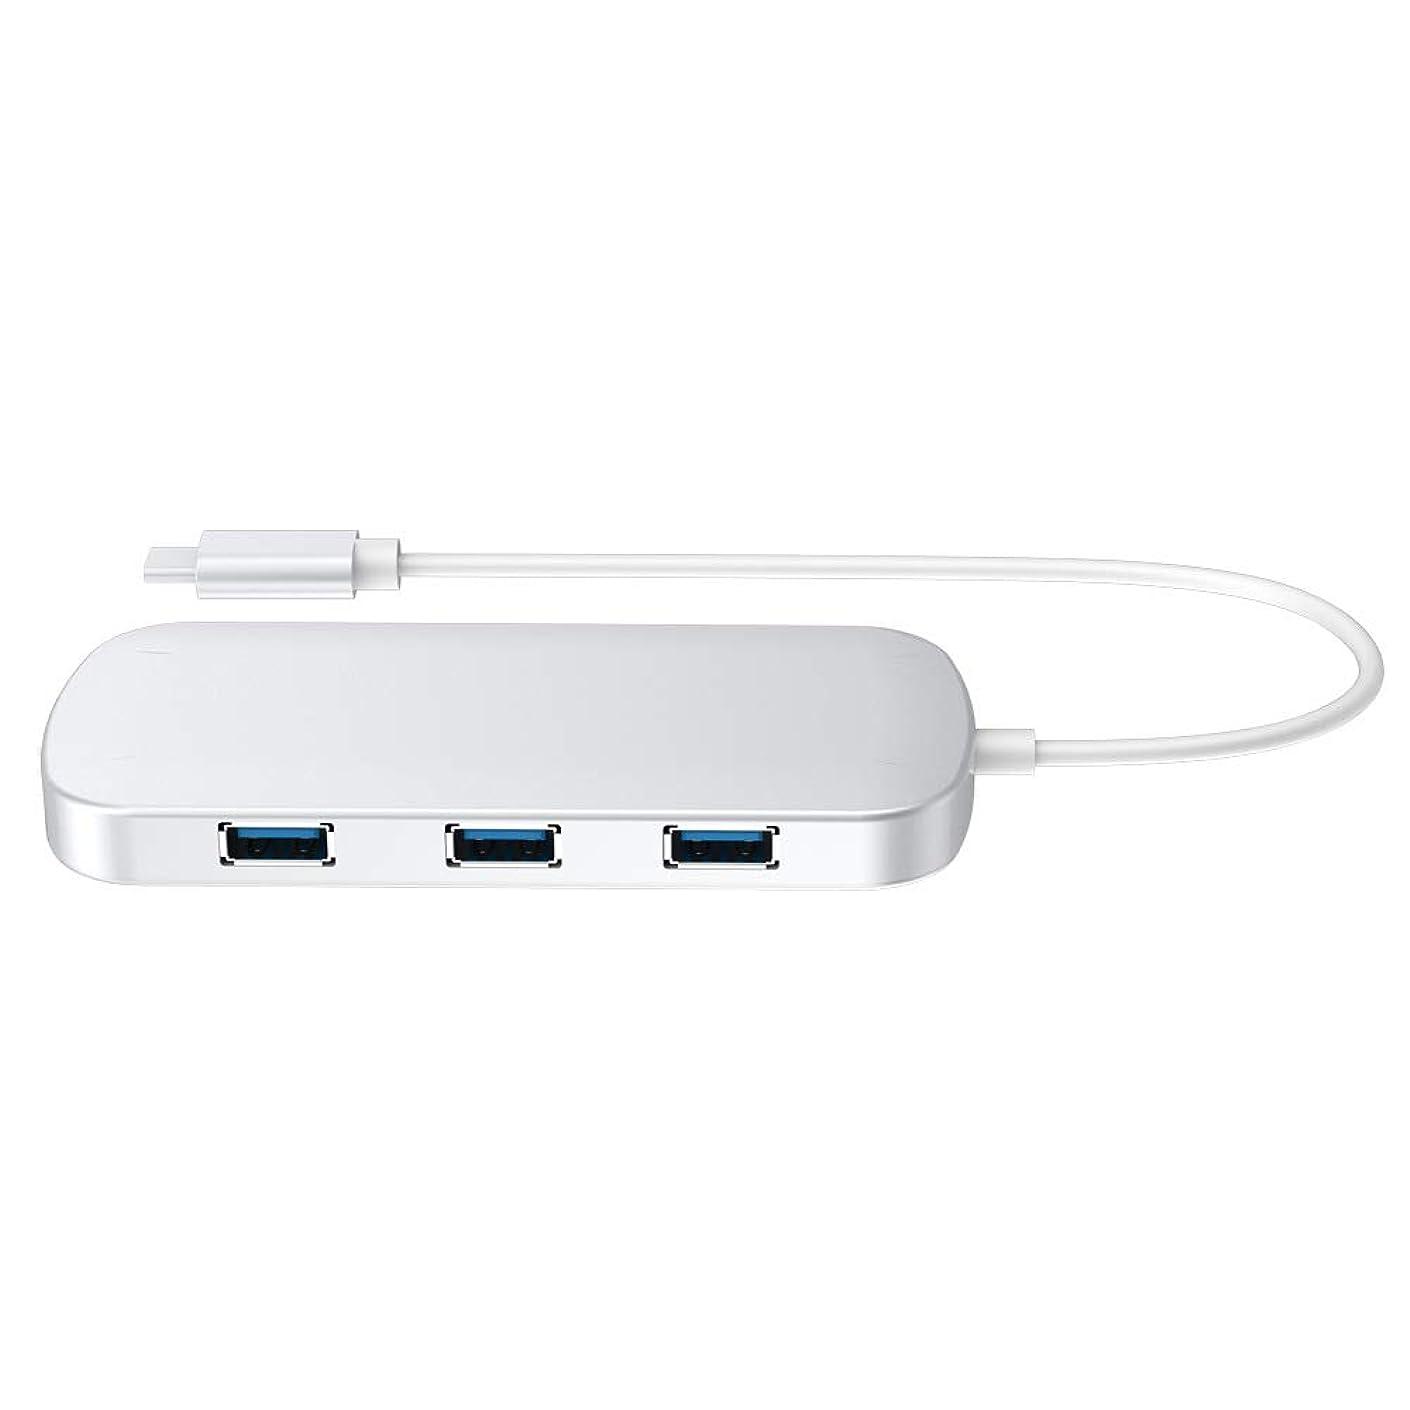 Semoic Type-C Docking Station Type-C Hub Converter Hdmi+ Card Reader + Hub+Pd Type-C Converter